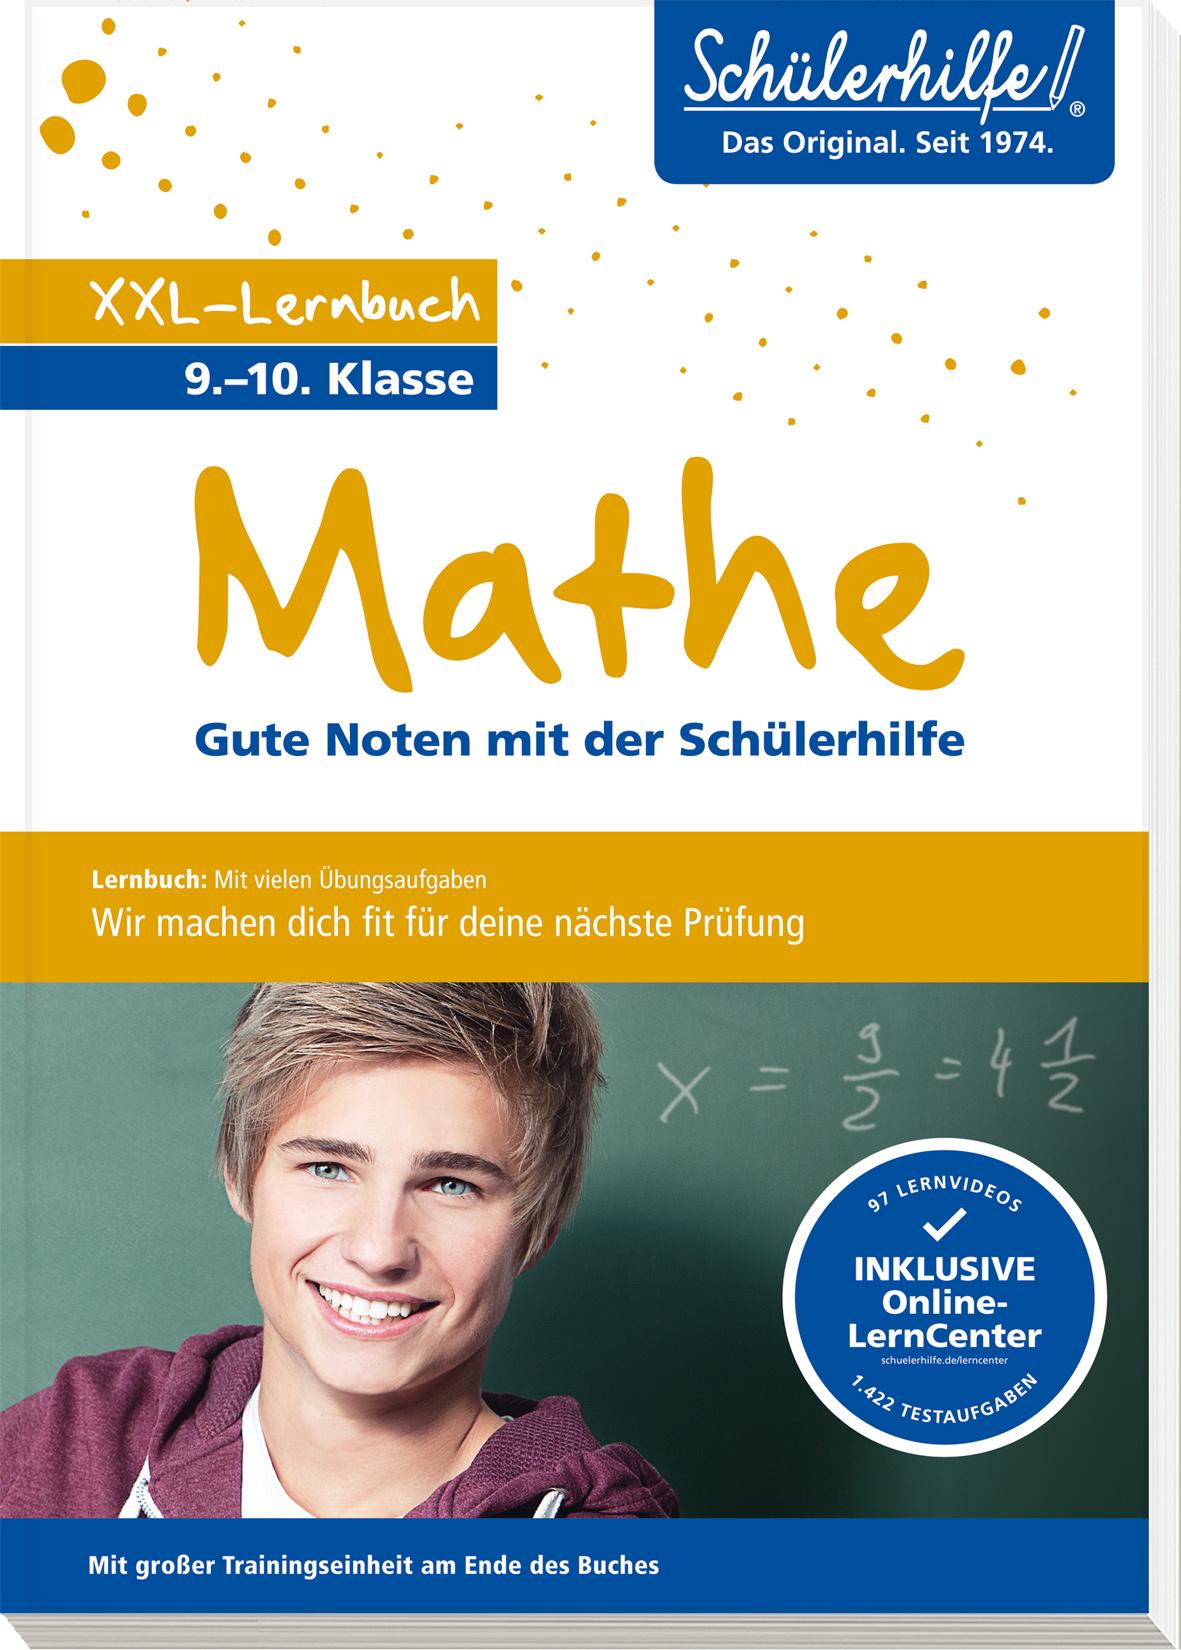 XXL-Lernbuch Mathe 9./10. Klasse - NGV - Naumann & Göbel ...